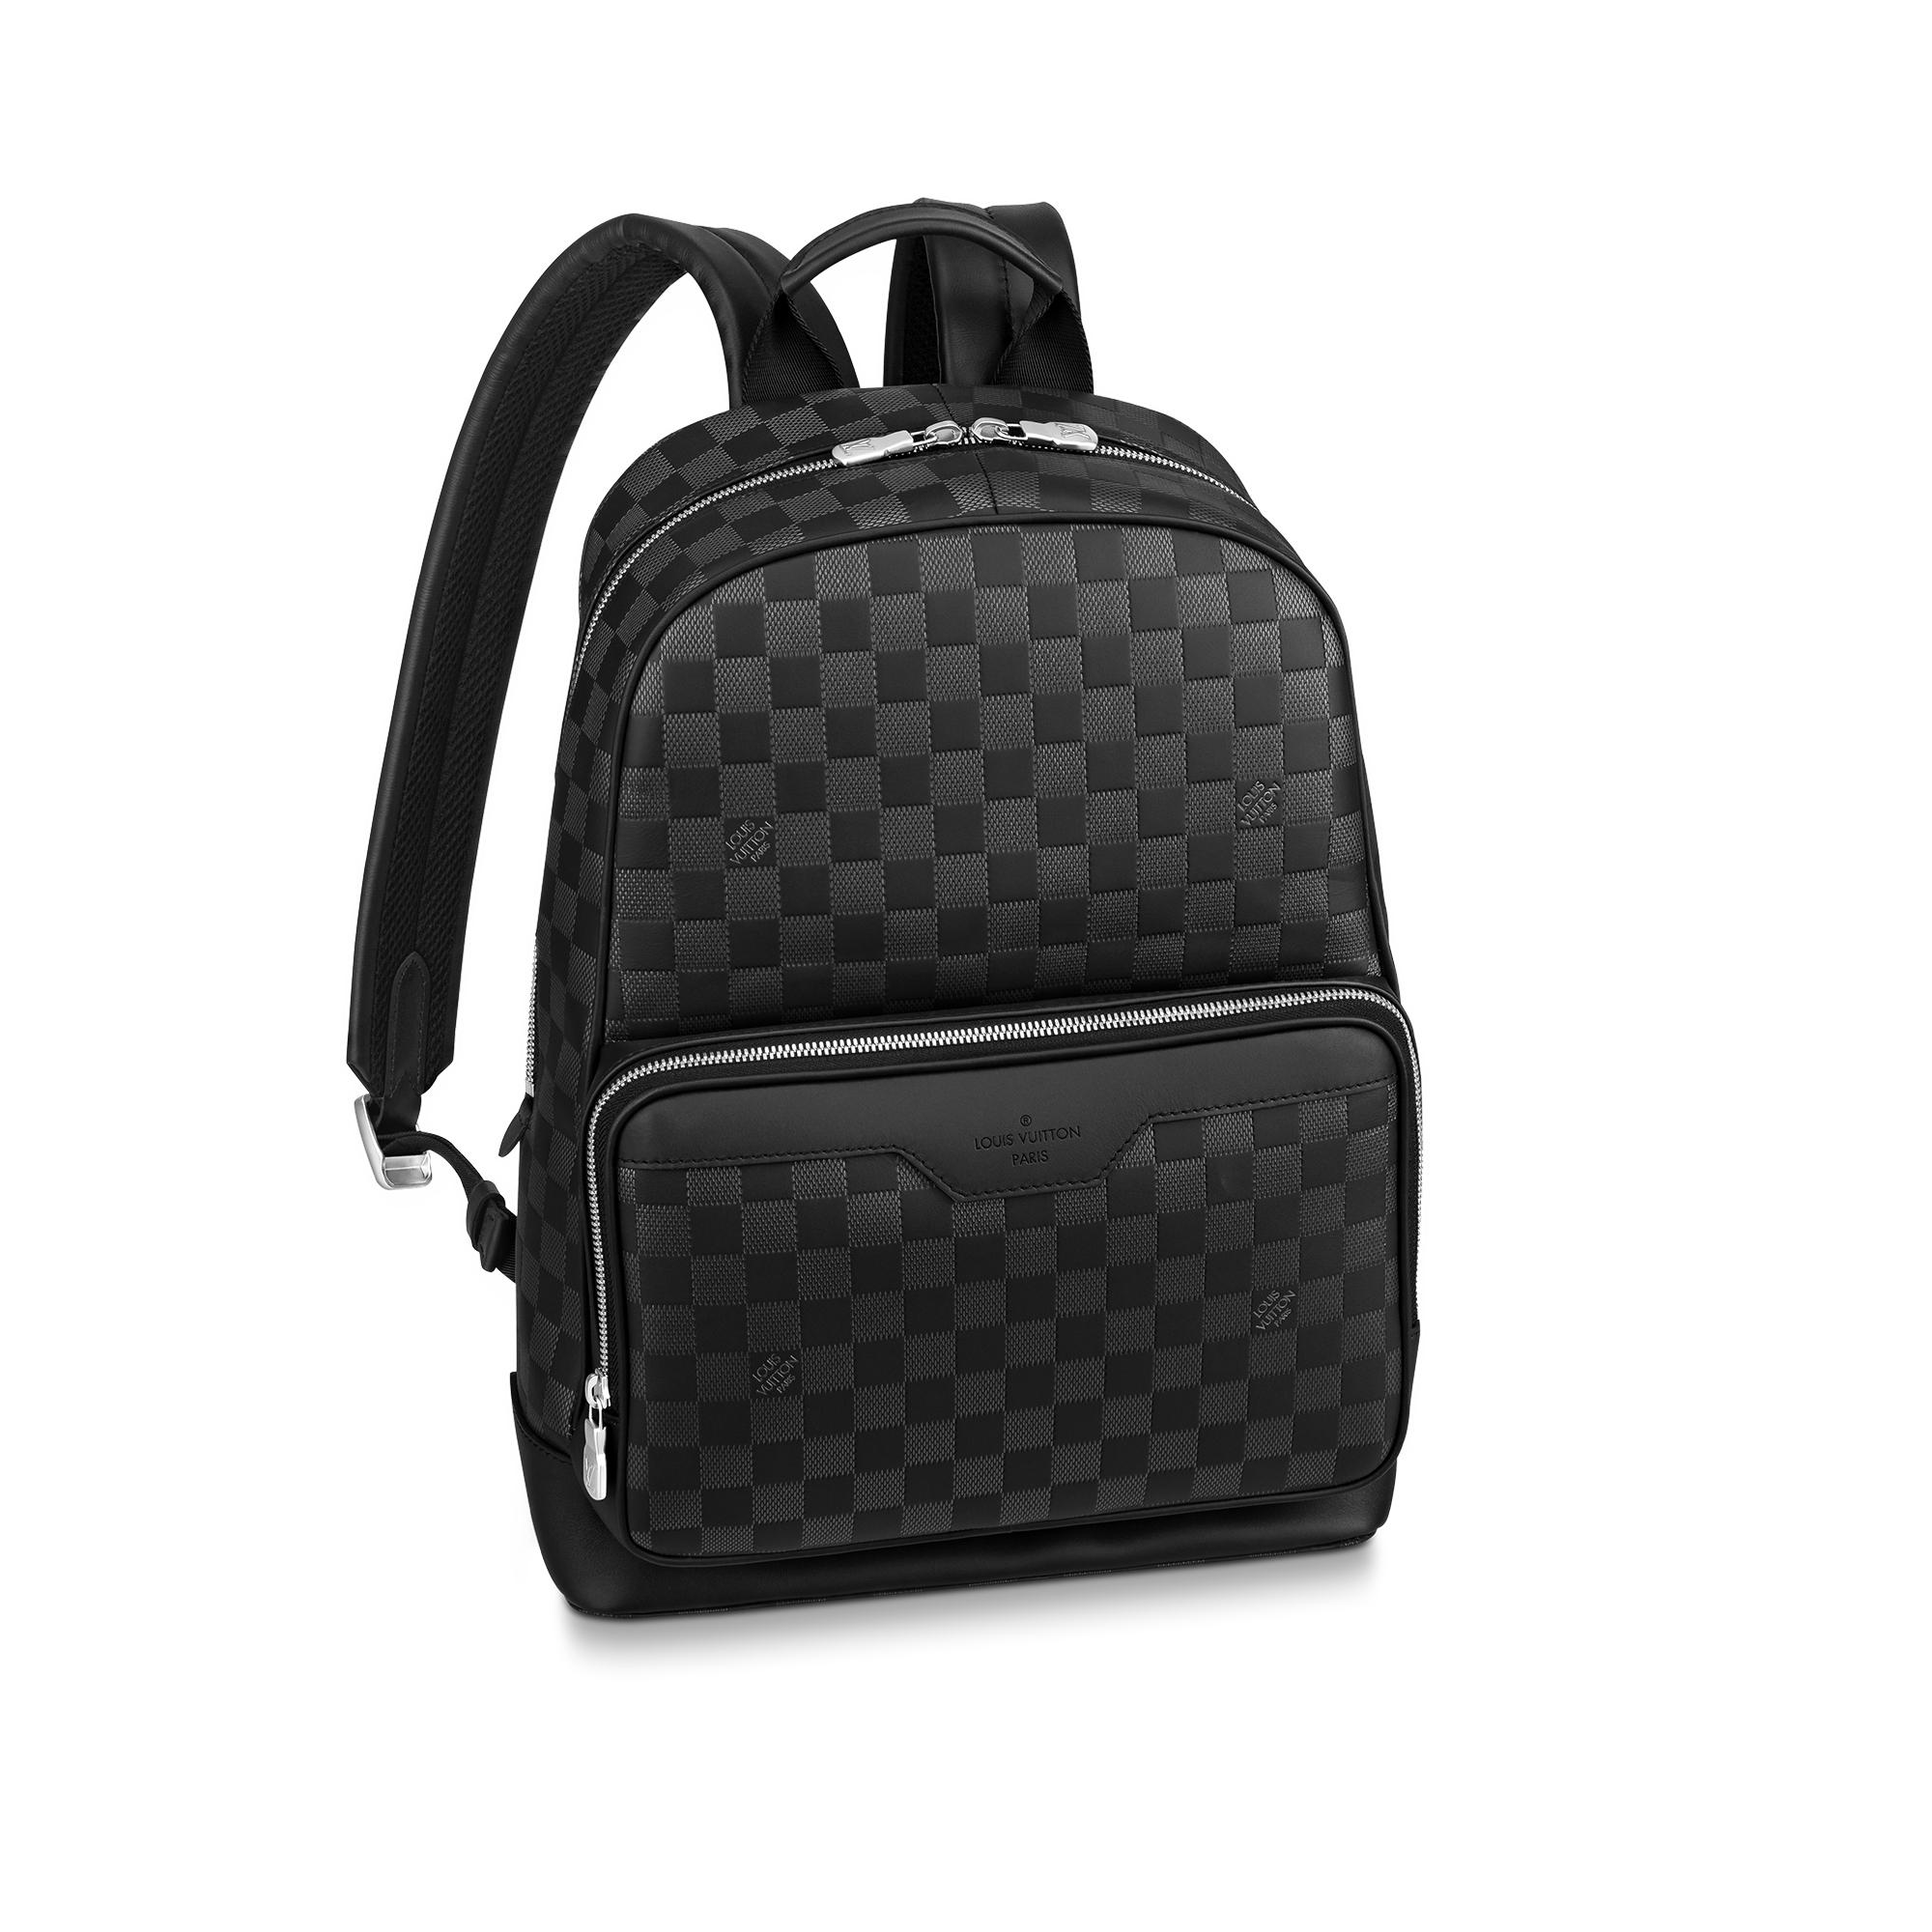 68c9d2385d32 Louis Vuitton Campus Backpack